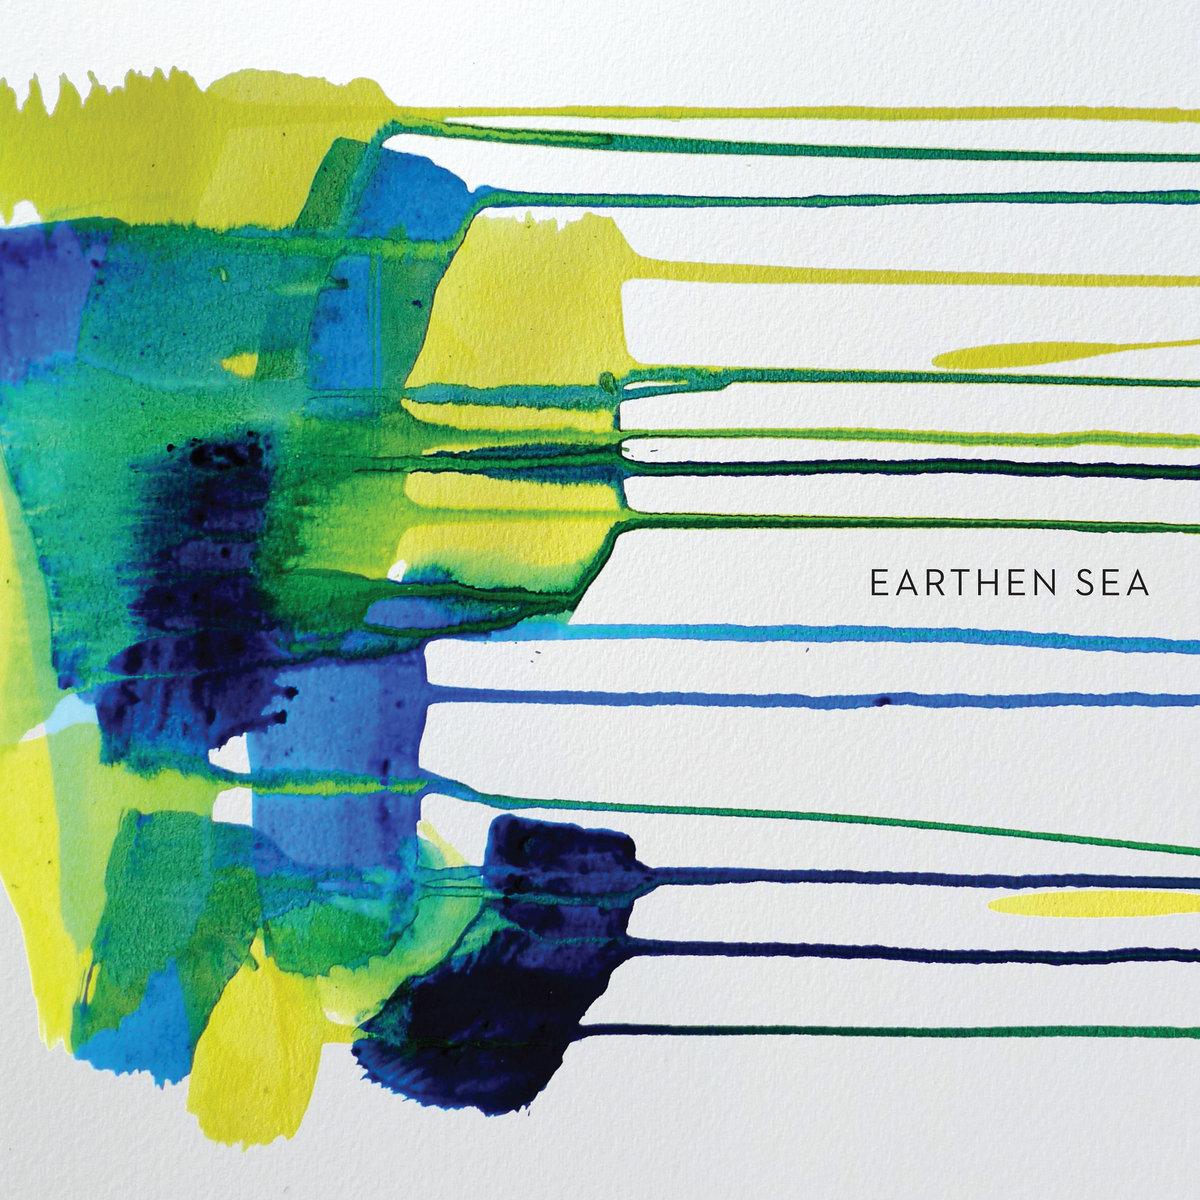 Earthern Sea